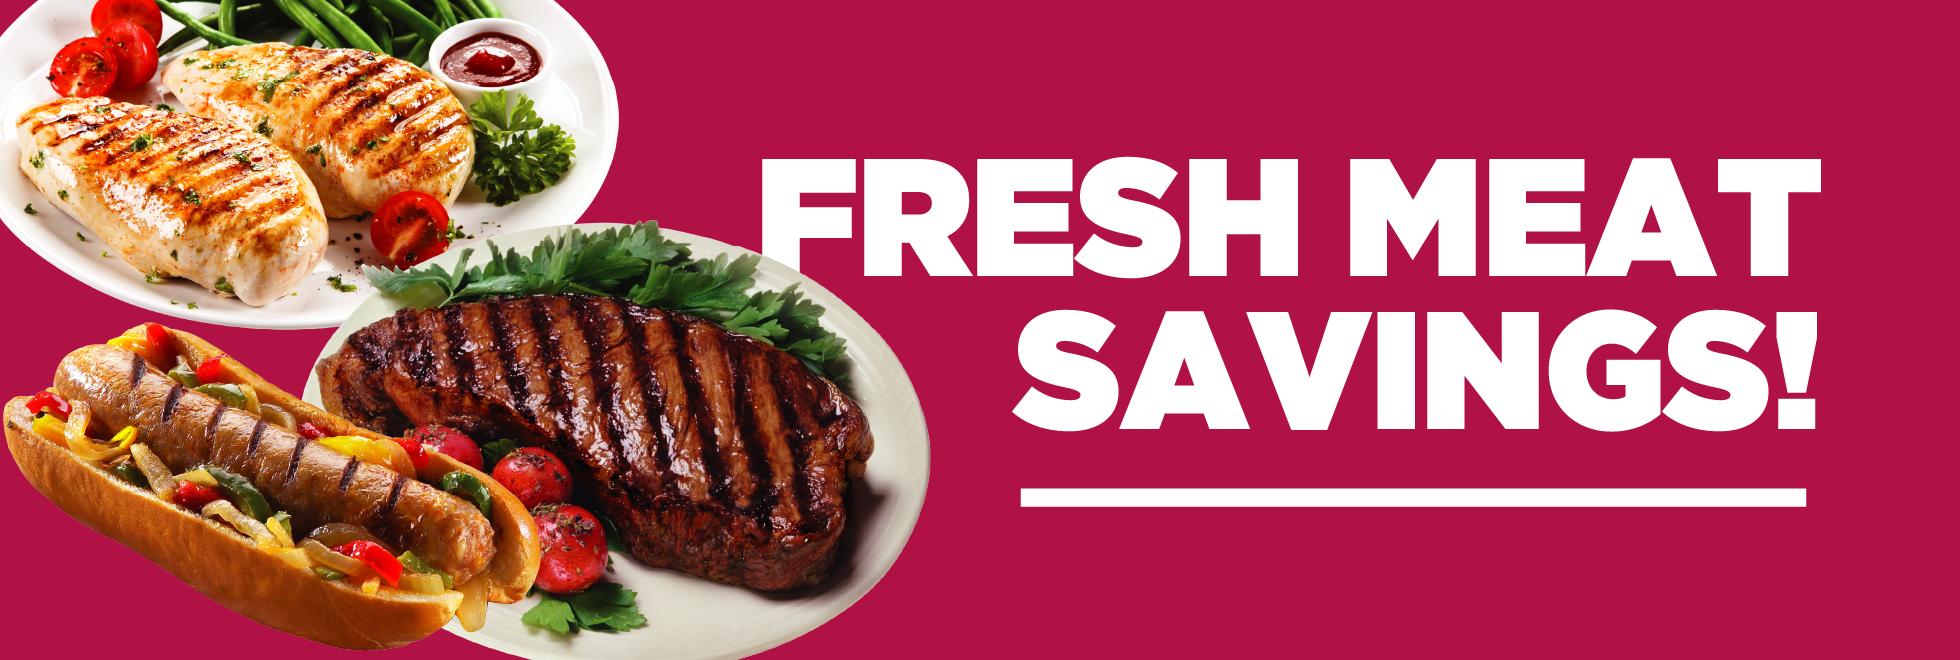 Meat Savings